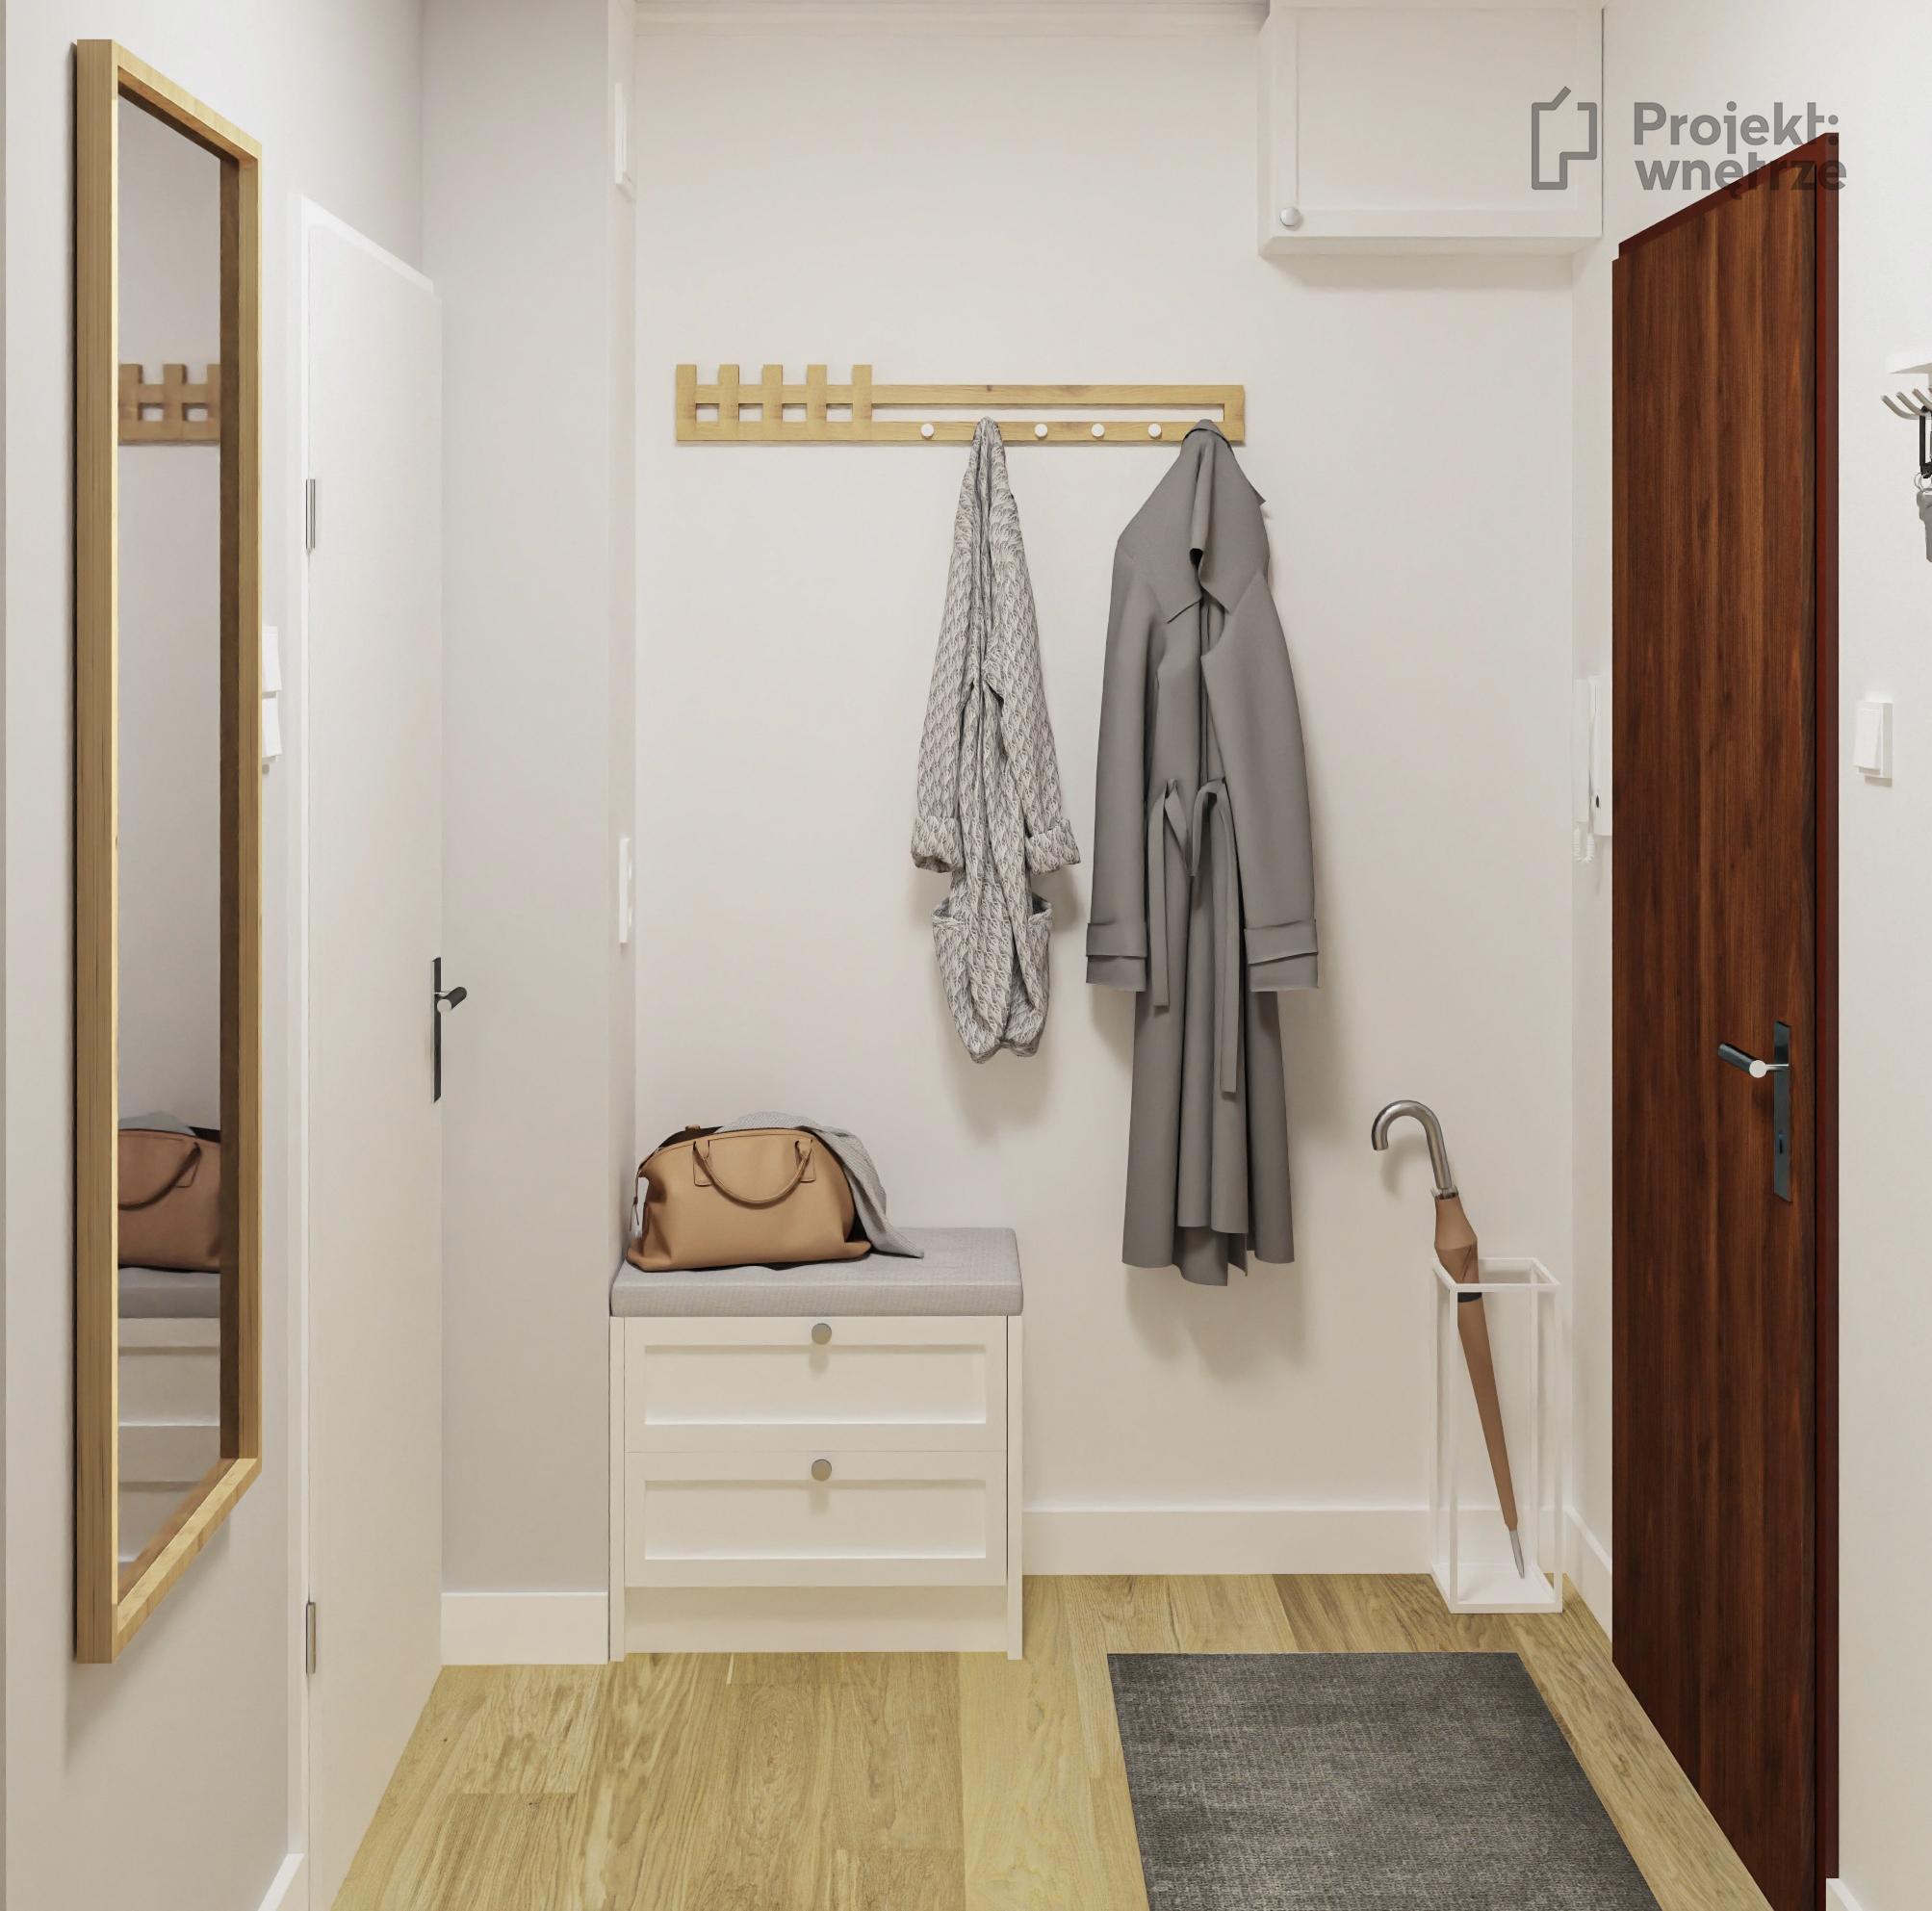 Korytarz białe meble drewno Projekt wnętrze projekt małego mieszkania w neutralnych odcieniach szarości biel drewno. Lamele w salonie. Mały salon z aneksem kuchennym i miejscem do pracy - projektowanie wnętrz warszawa online - www.projektwnetrze.com.pl